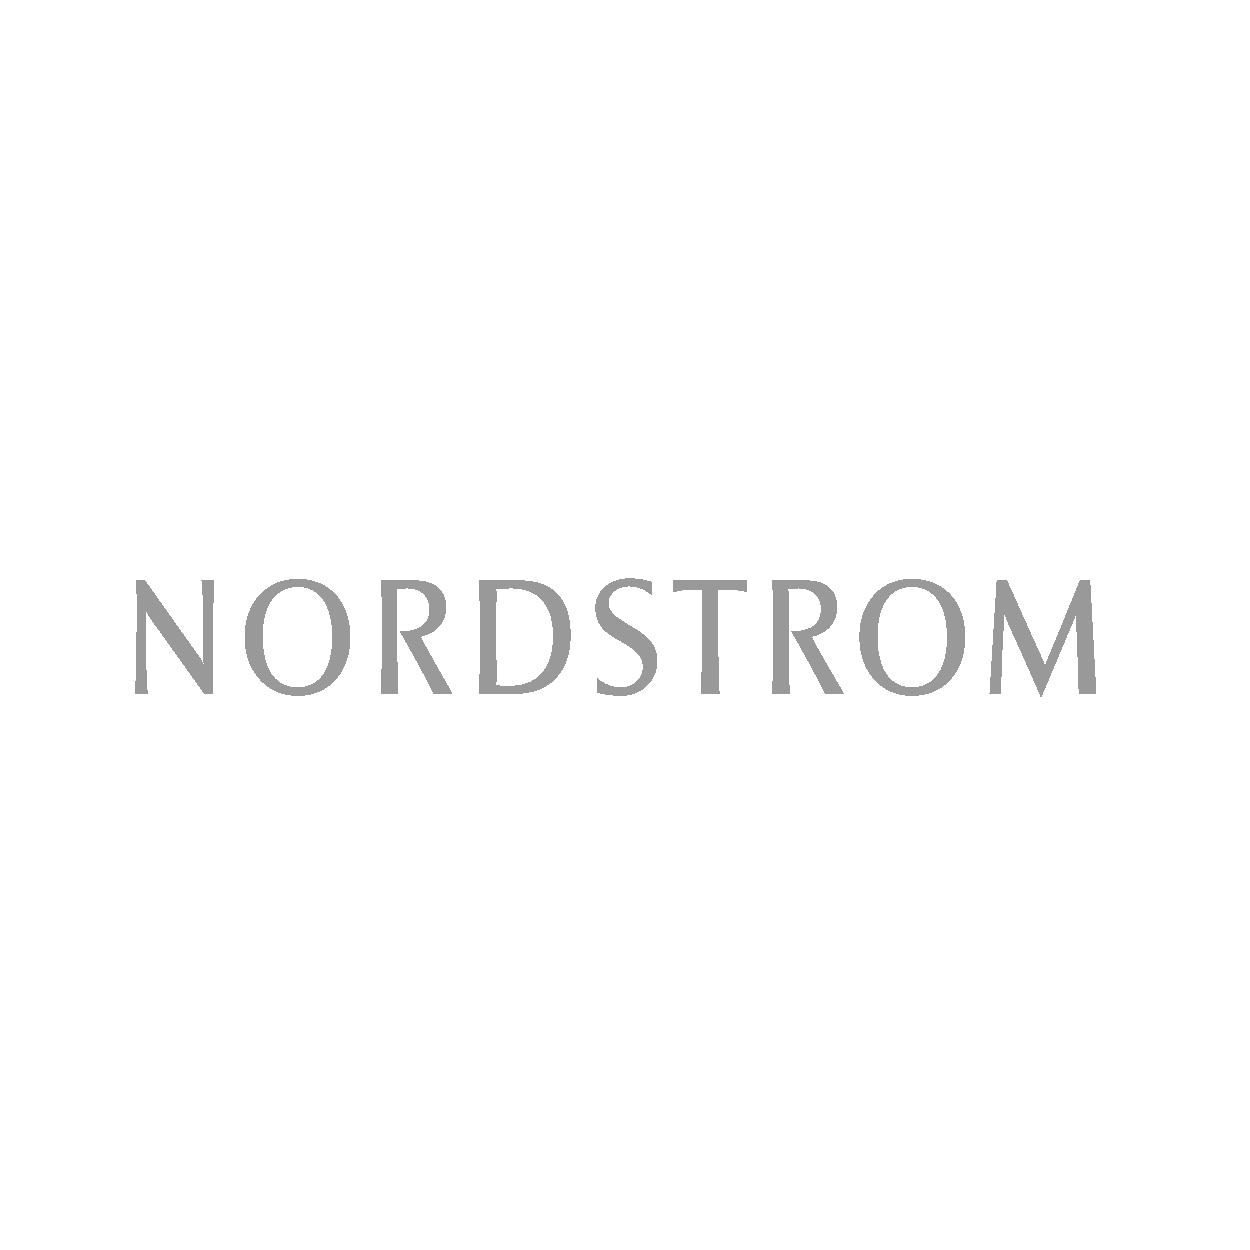 nordstrom-01.png